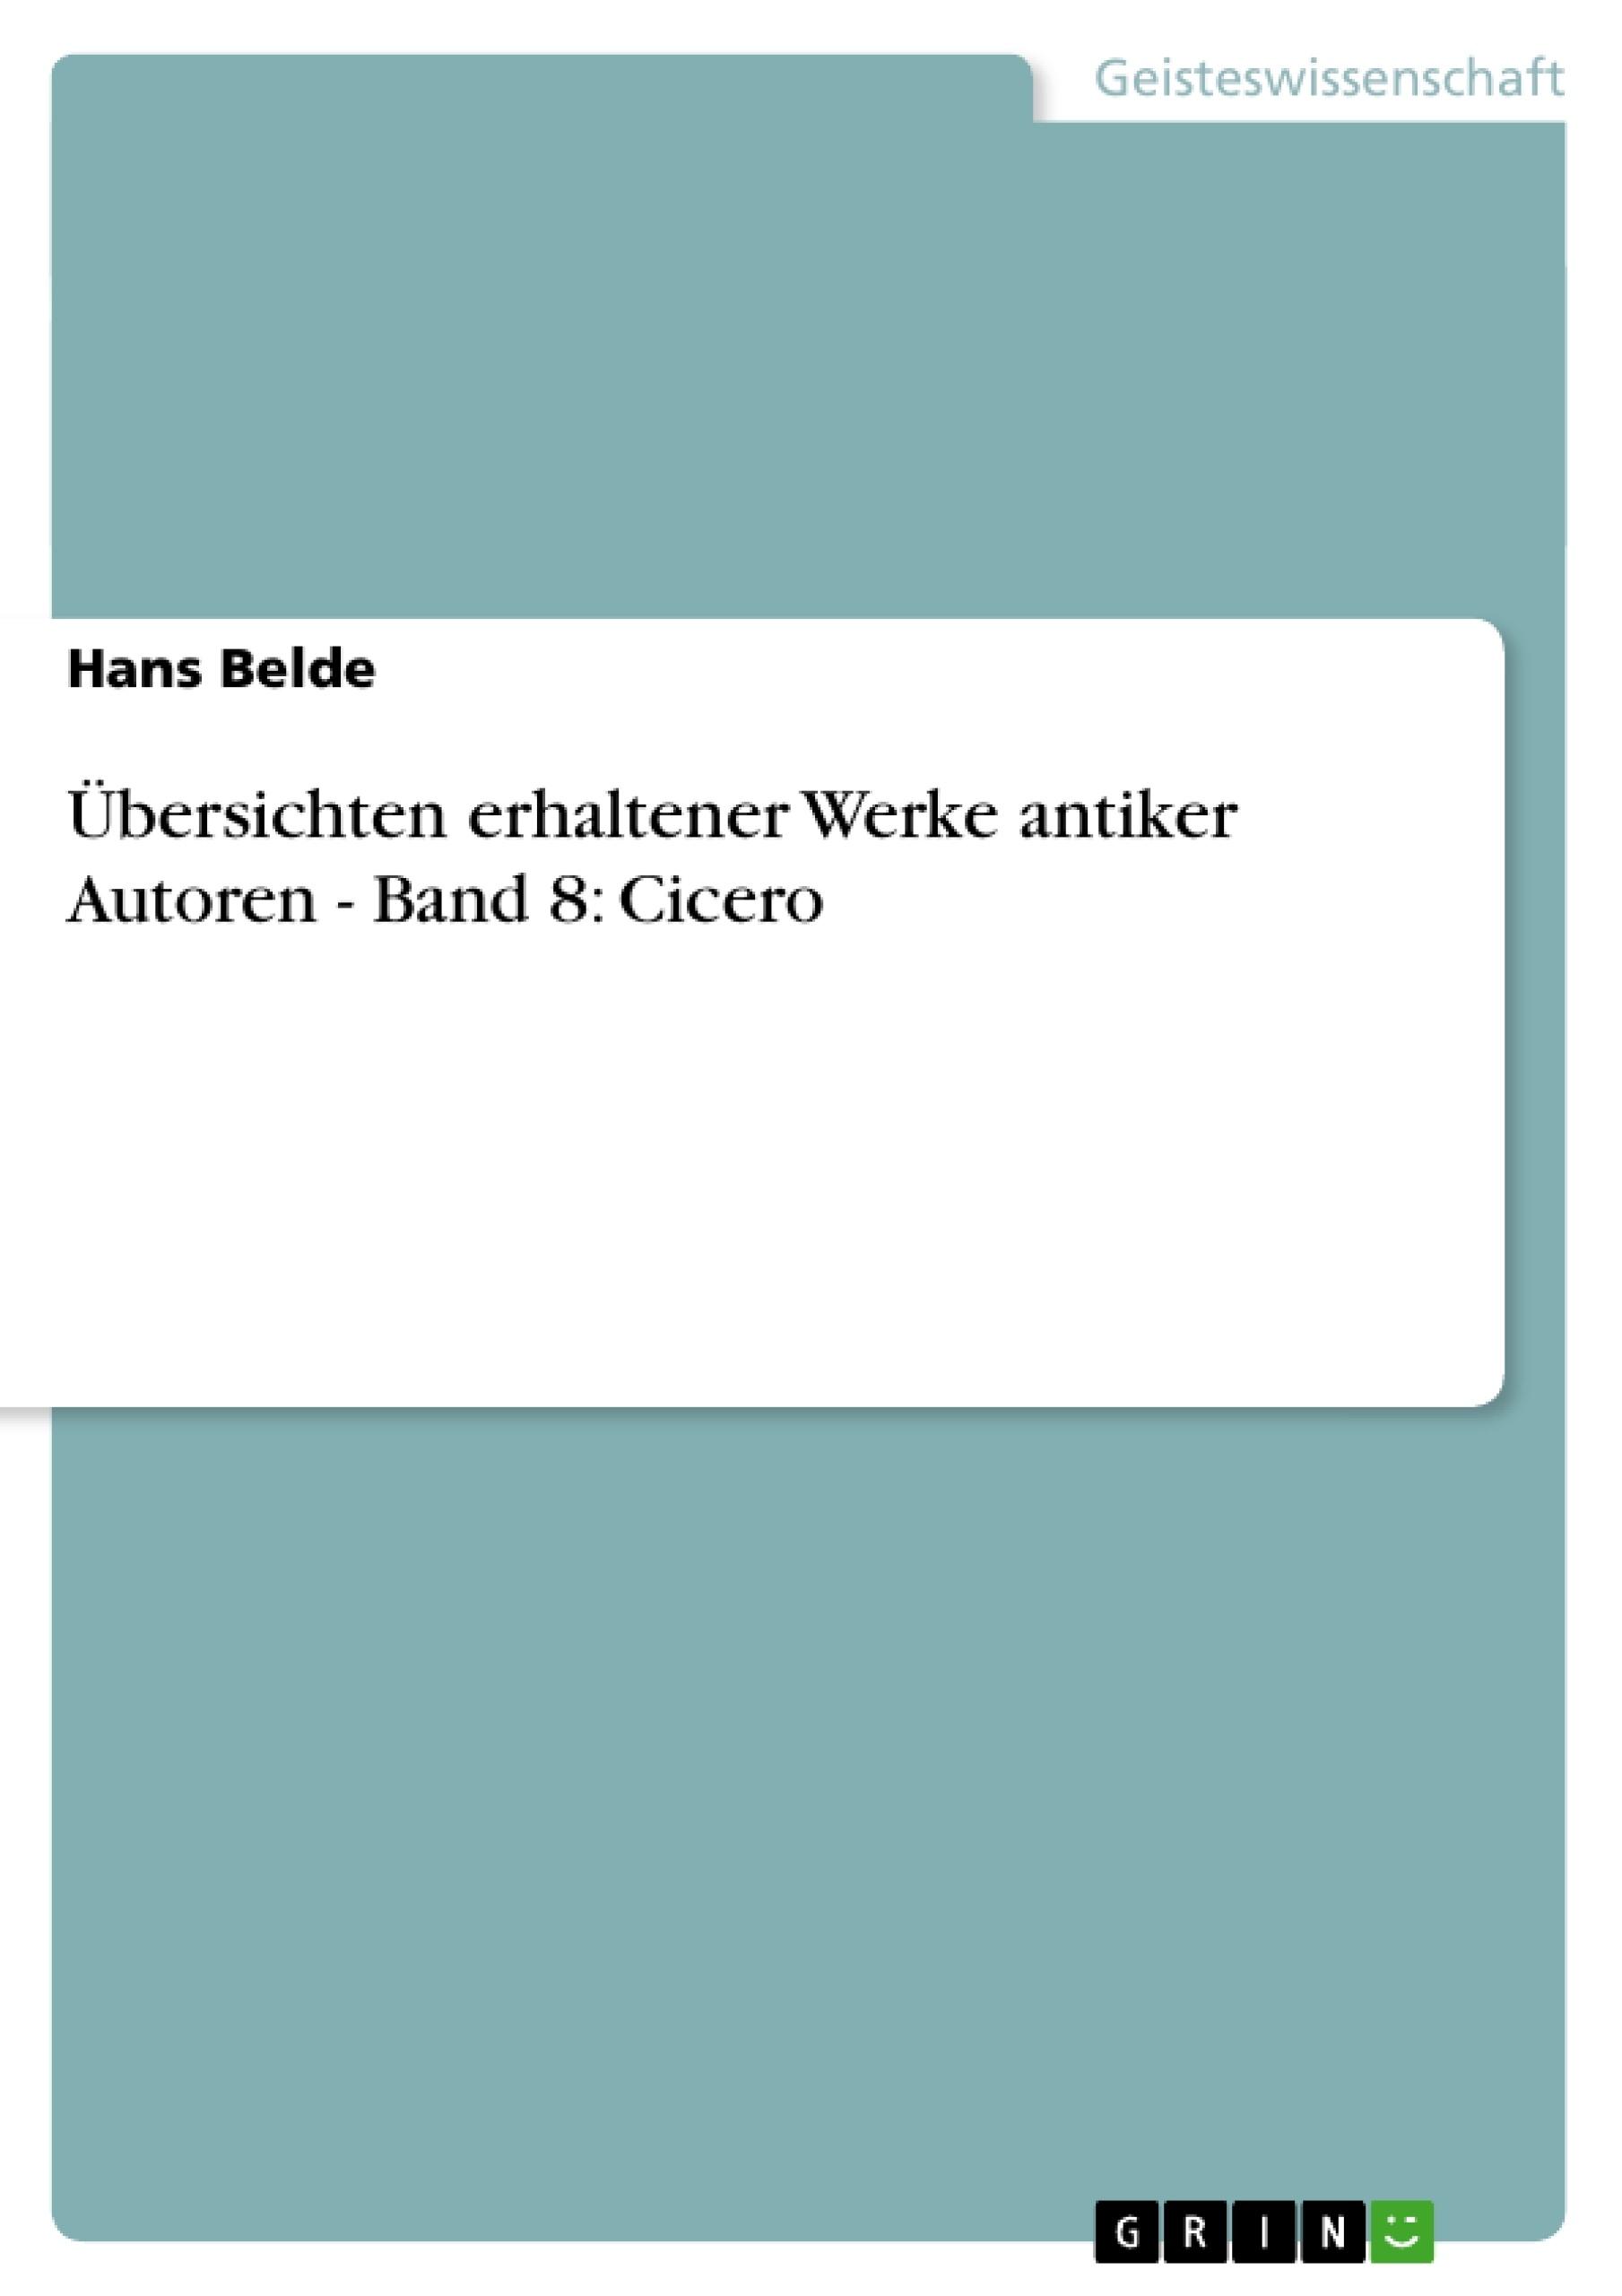 Titel: Übersichten erhaltener Werke antiker Autoren - Band 8: Cicero